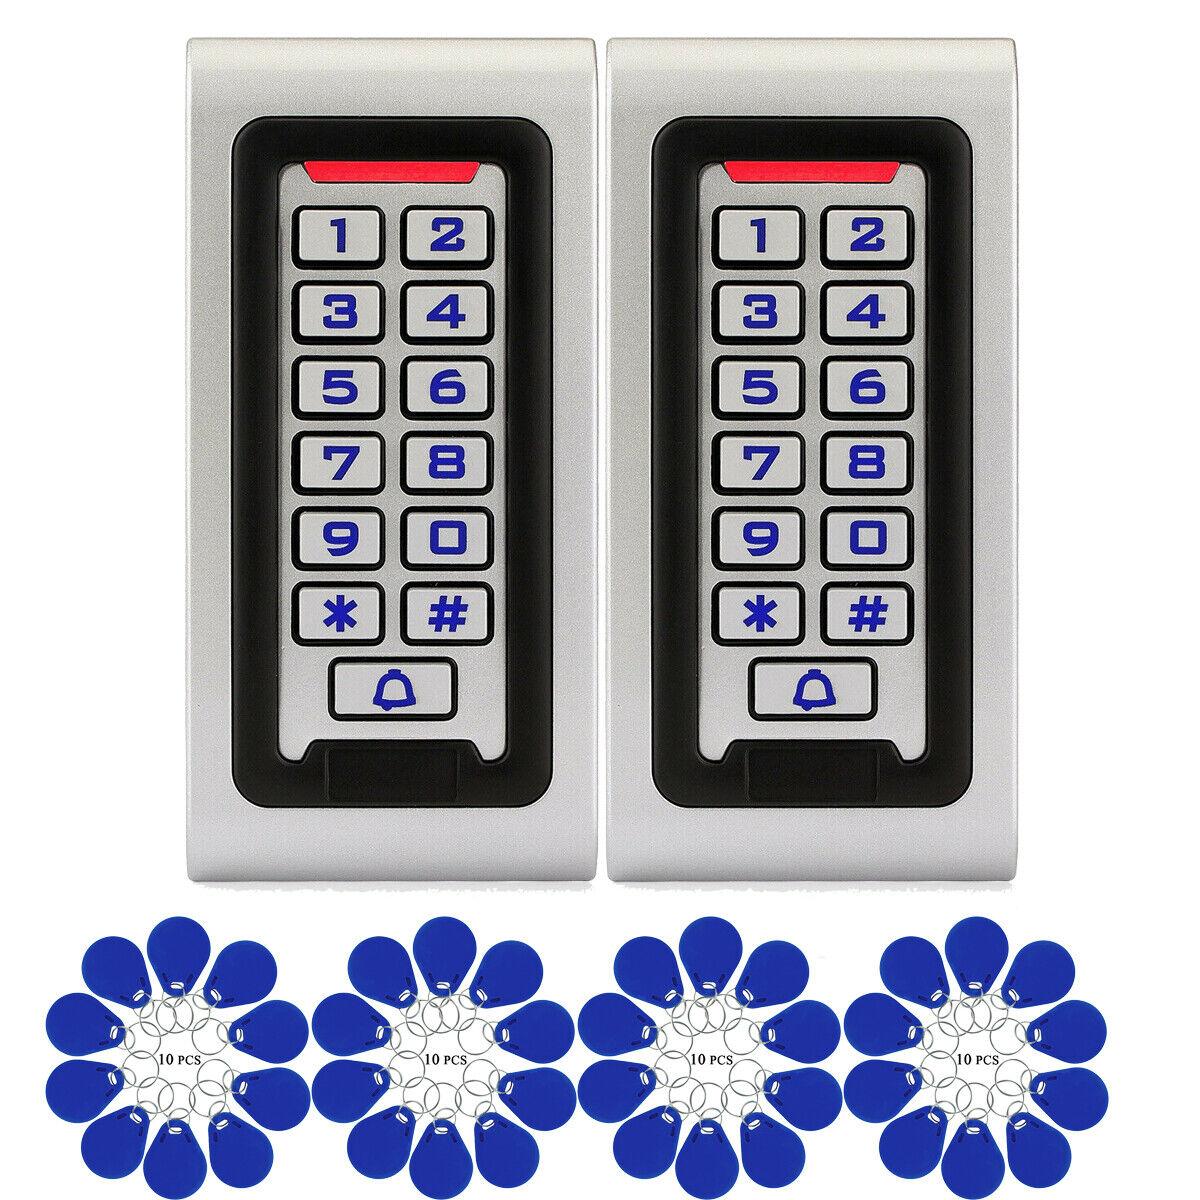 2 control xaccess Teclado Rfid lector de tarjeta de identificación para mandos de garaje hogar +40 xrfid tarjeta